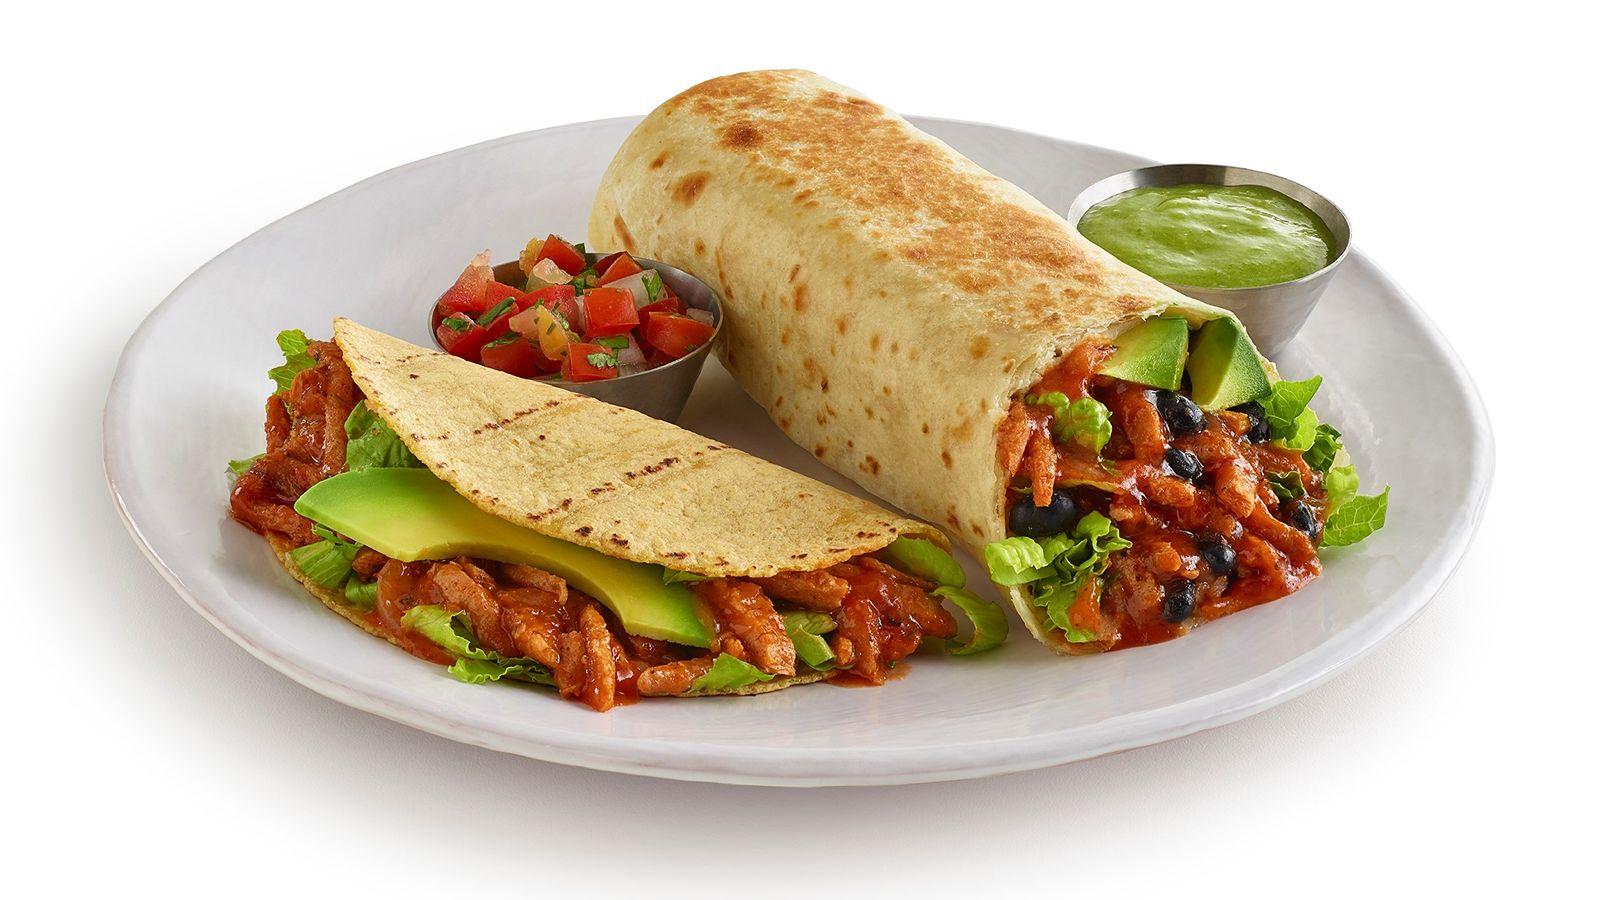 El Pollo Loco Reformulates Plant-Based Chicken Alternative as Vegan